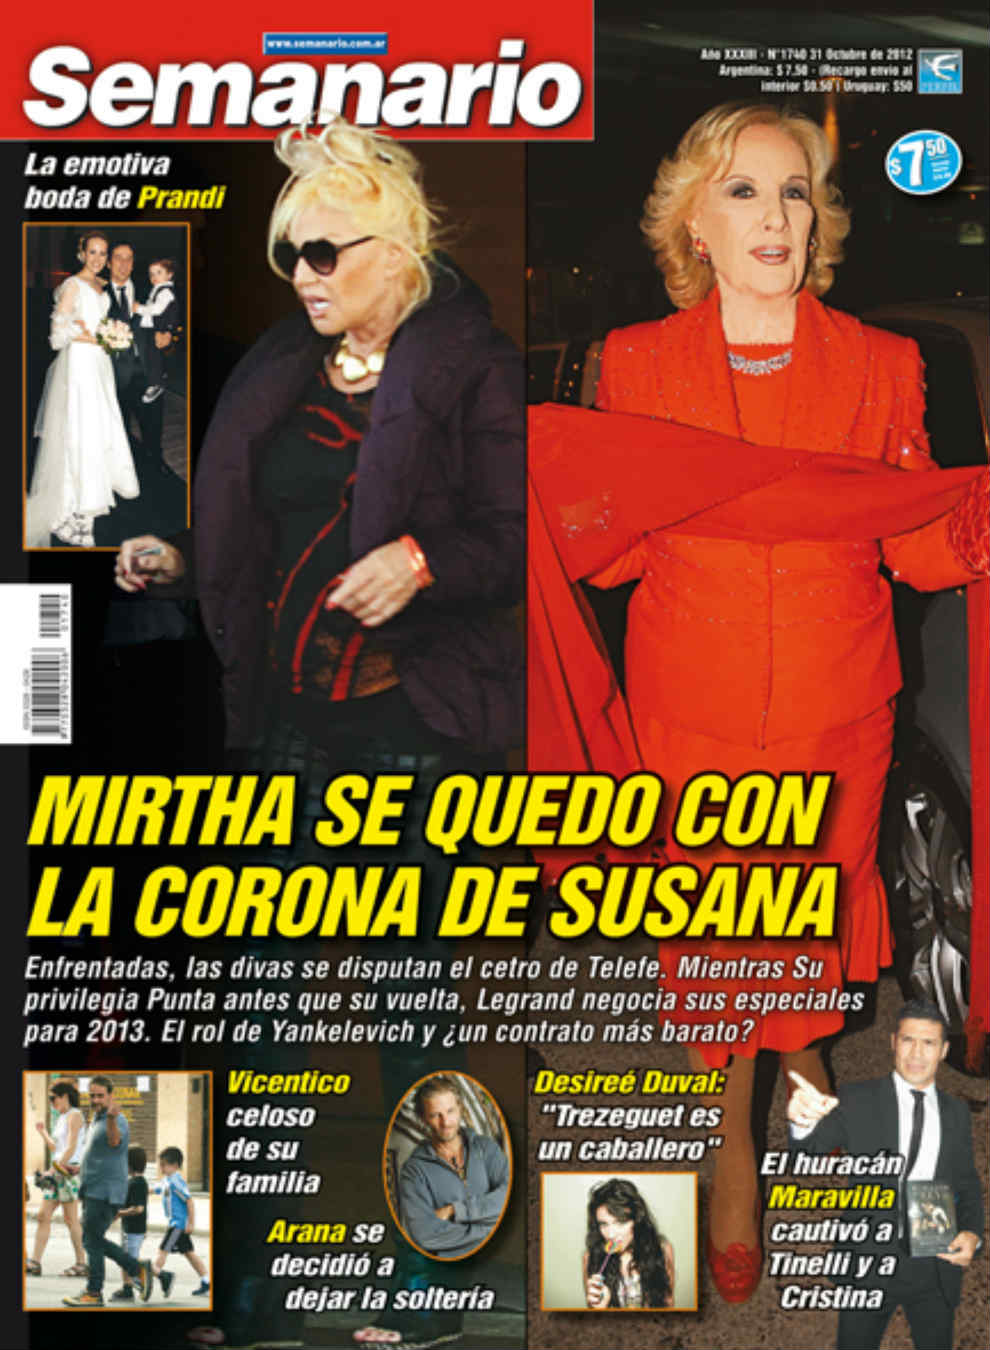 Pasando revista susana mirtha y el cetro de telefe el for Revistas de chismes del espectaculo